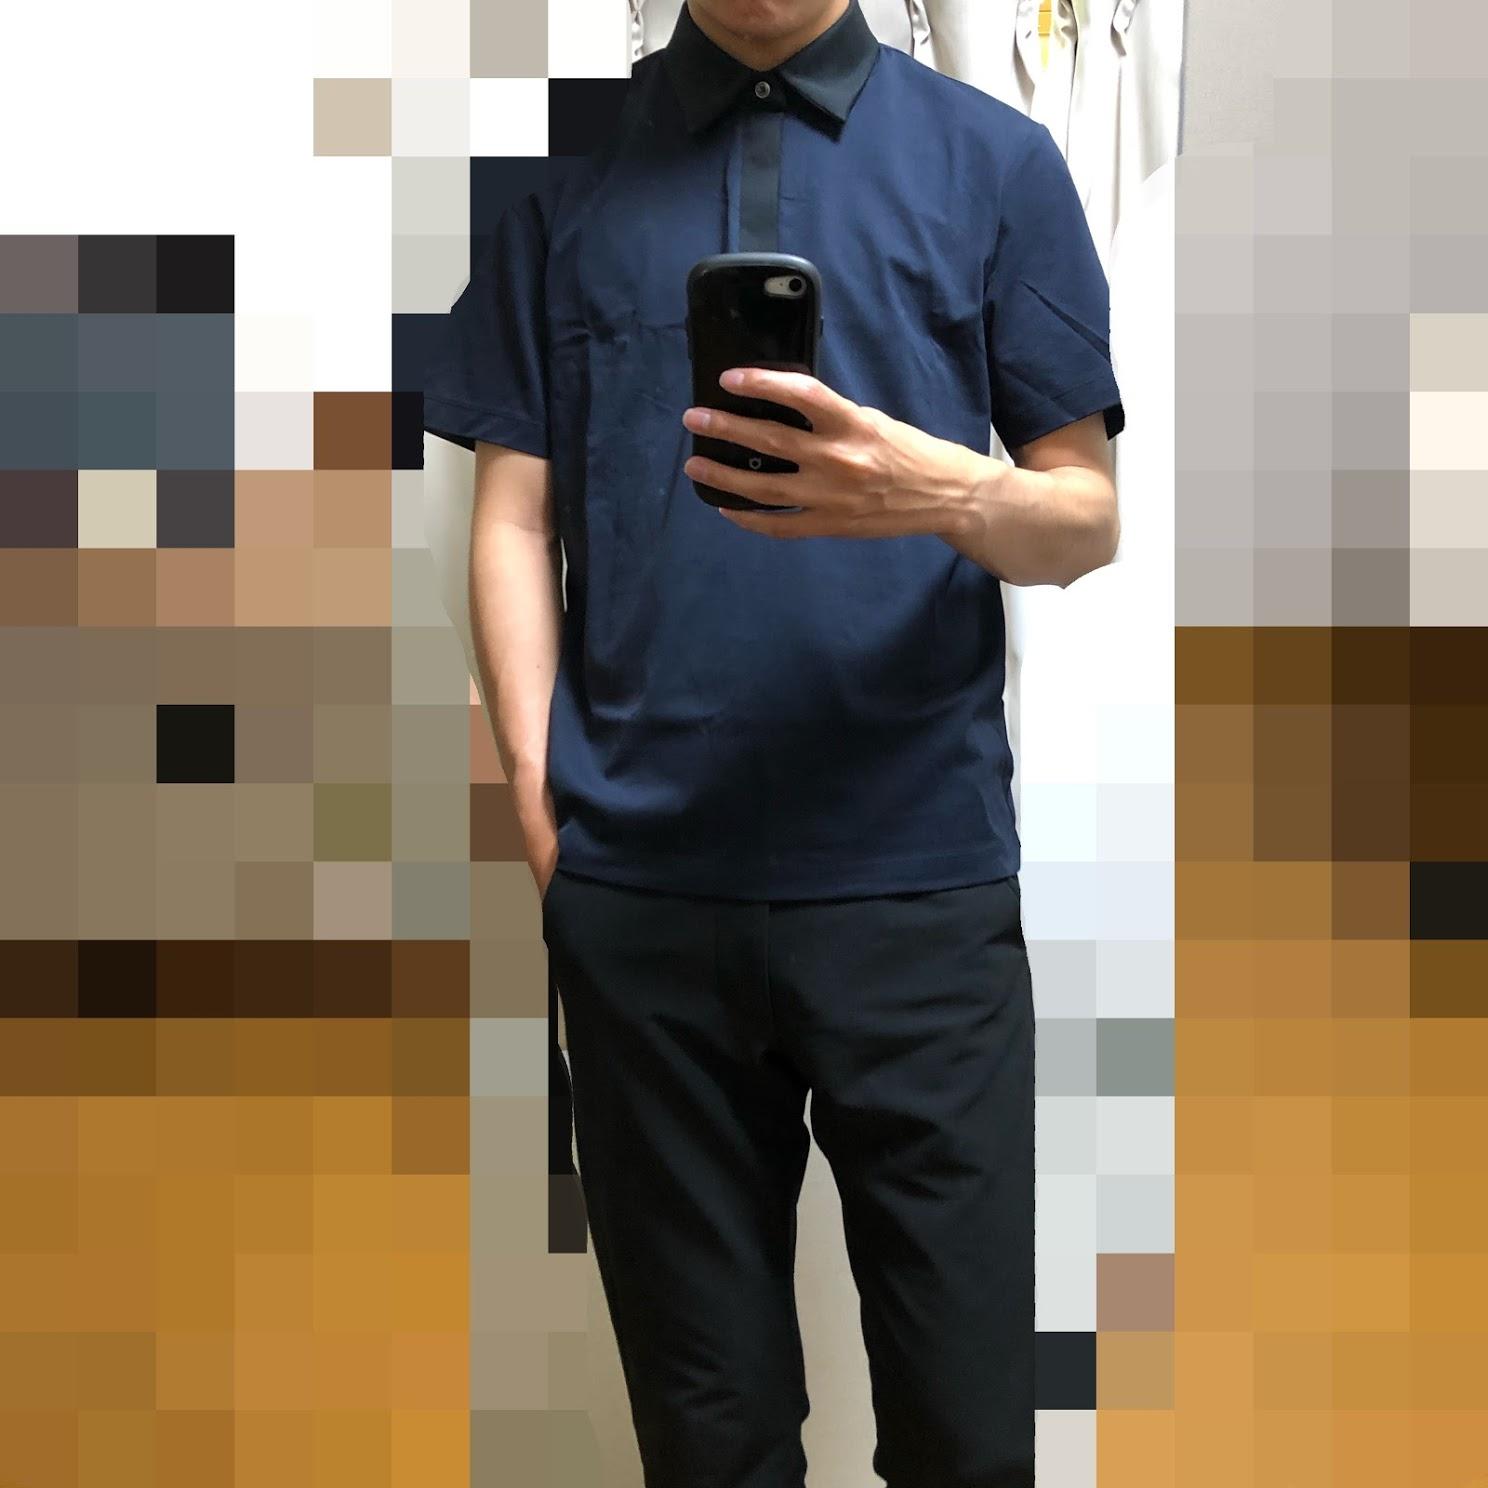 ユニクロ セオリー ポロシャツ着てみた